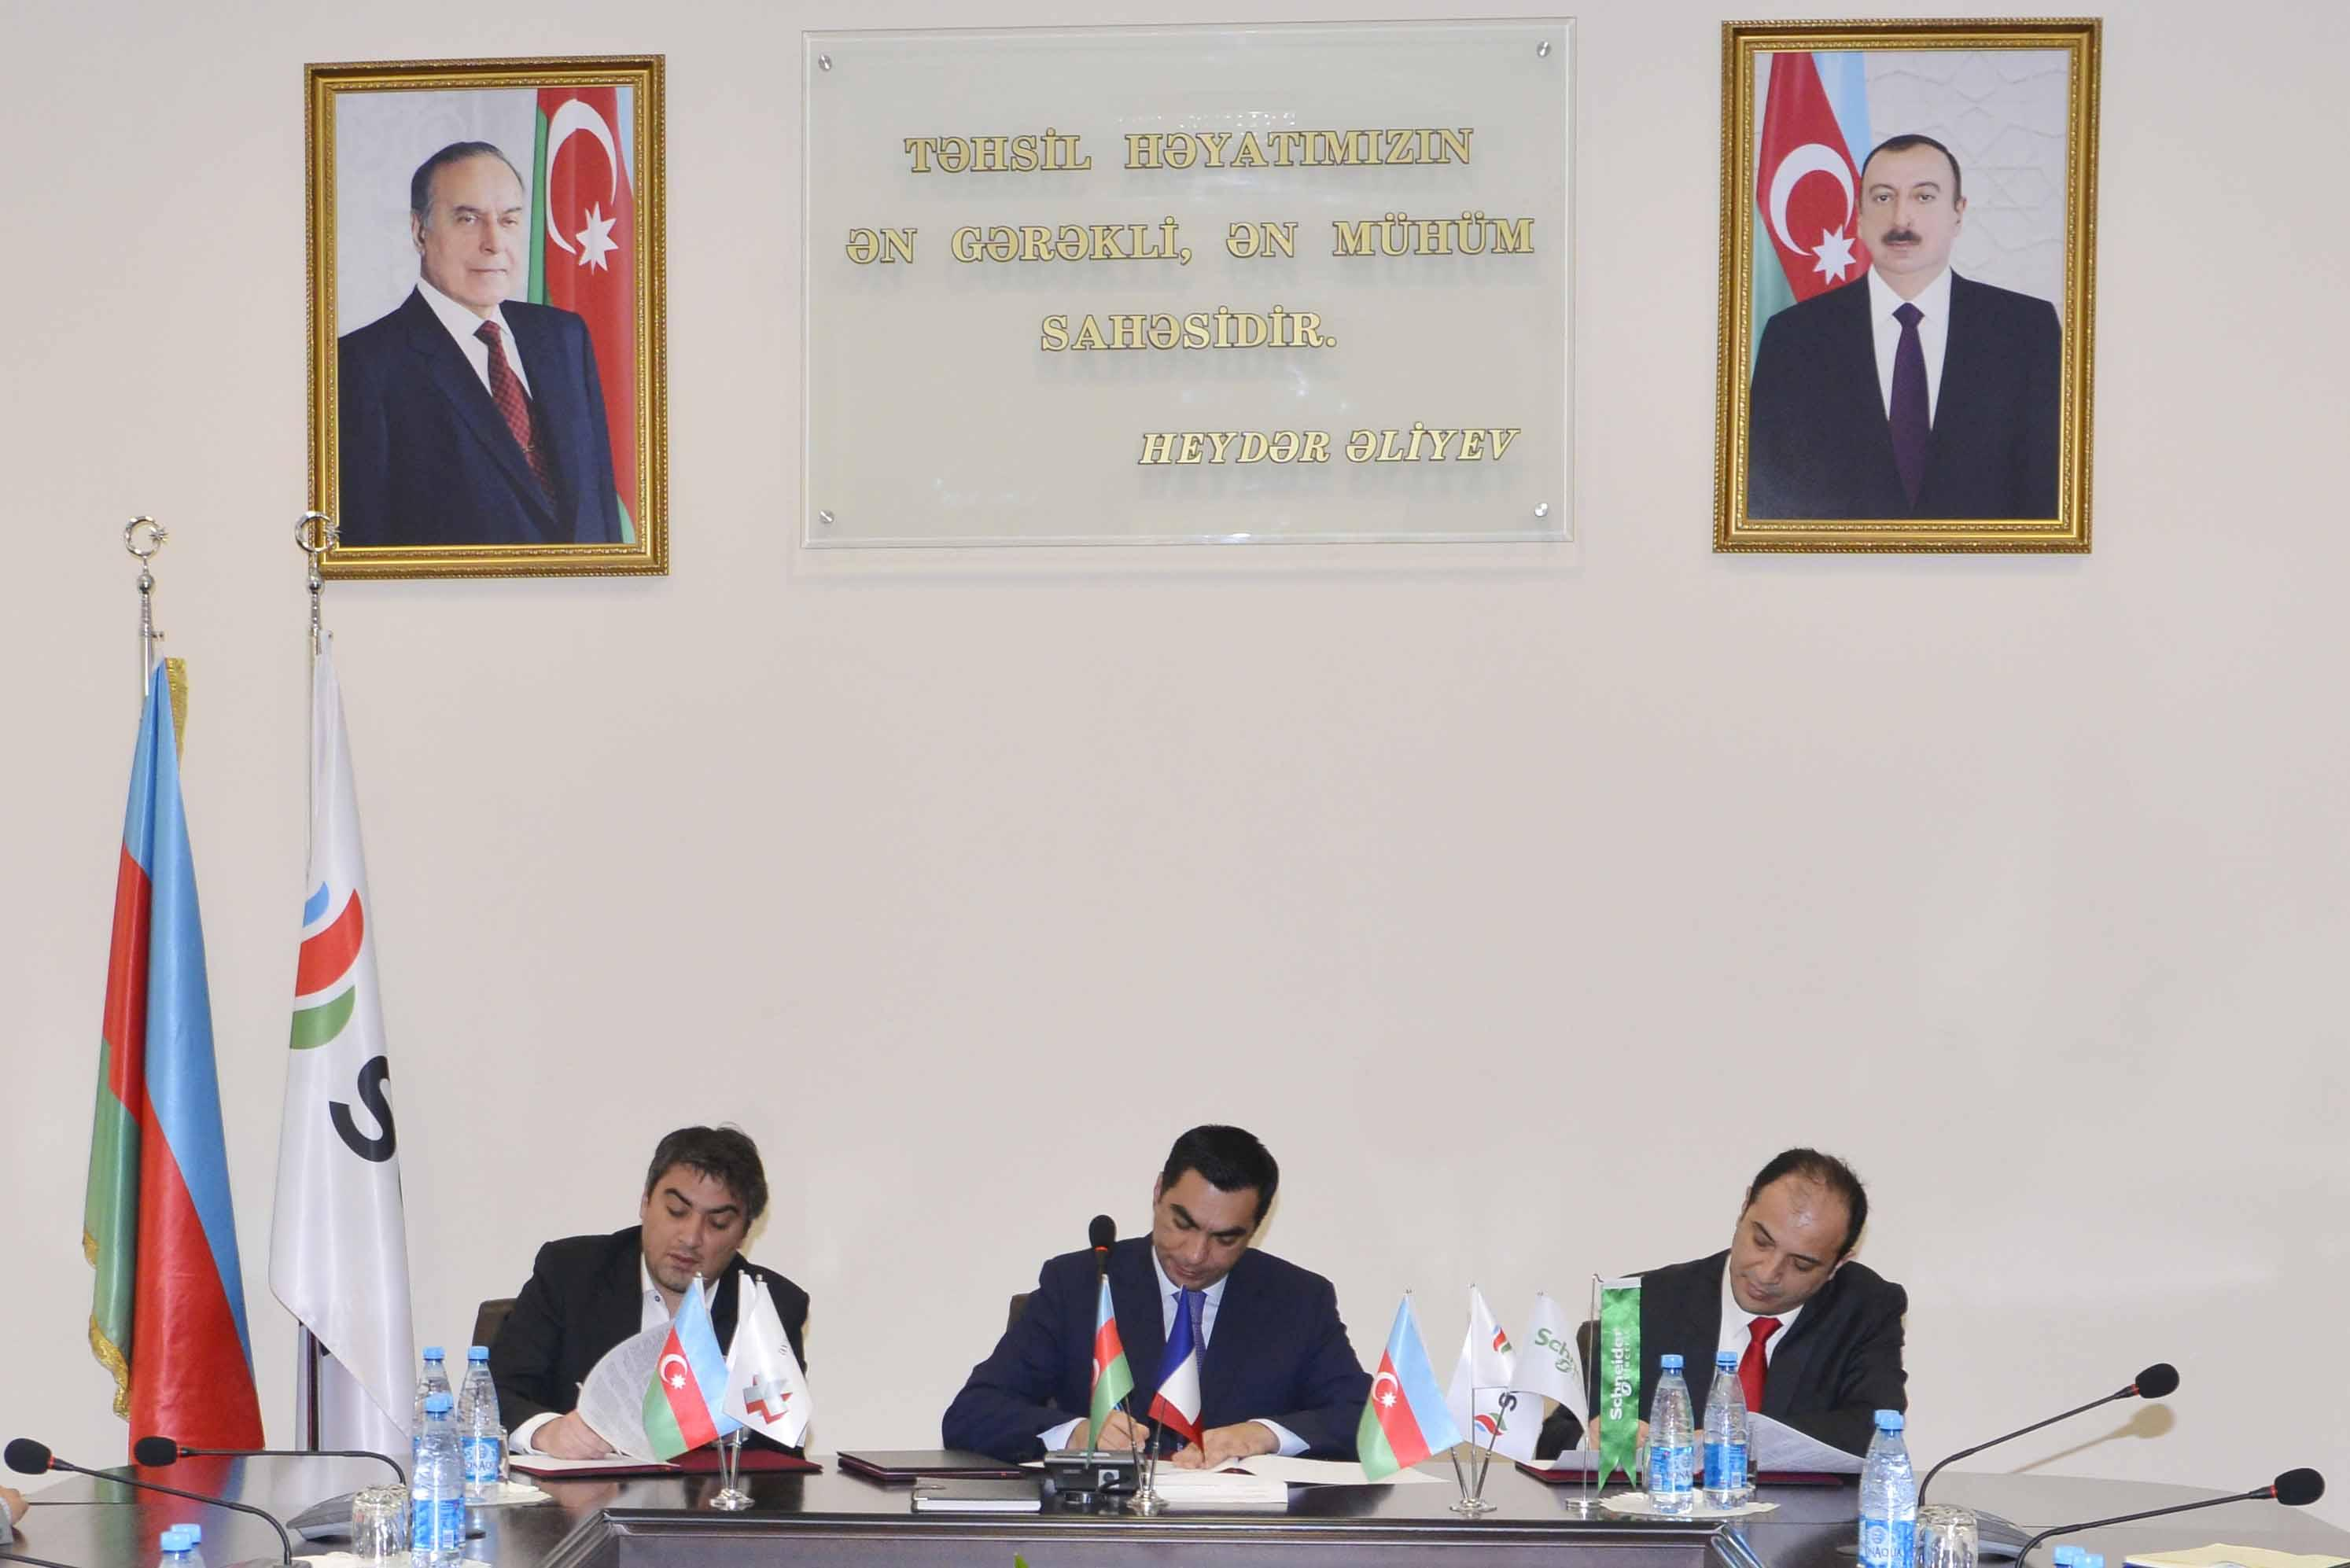 Bakı Ali Neft Məktəbi iki şirkətlə əməkdaşlıq haqqında razılaşma imzalayıb